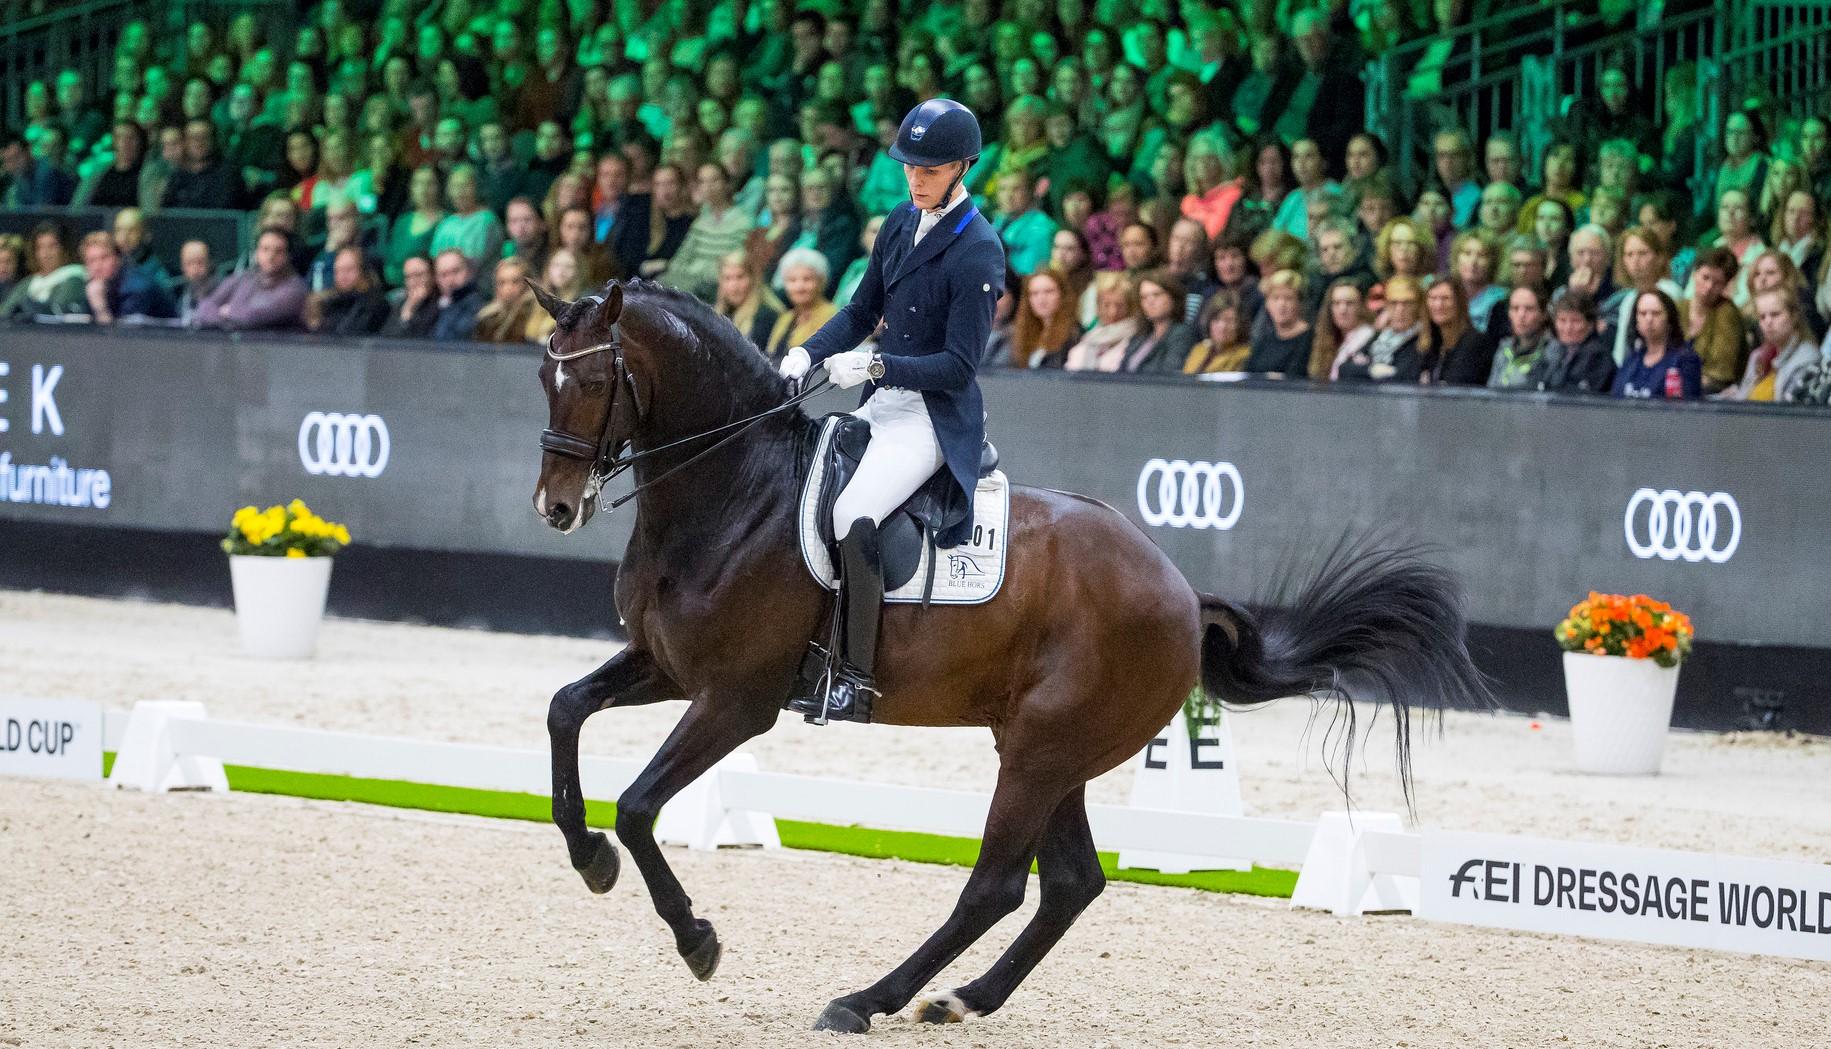 s-Hertogenbosch: Blue Hors Zack gewinnt Weltcup